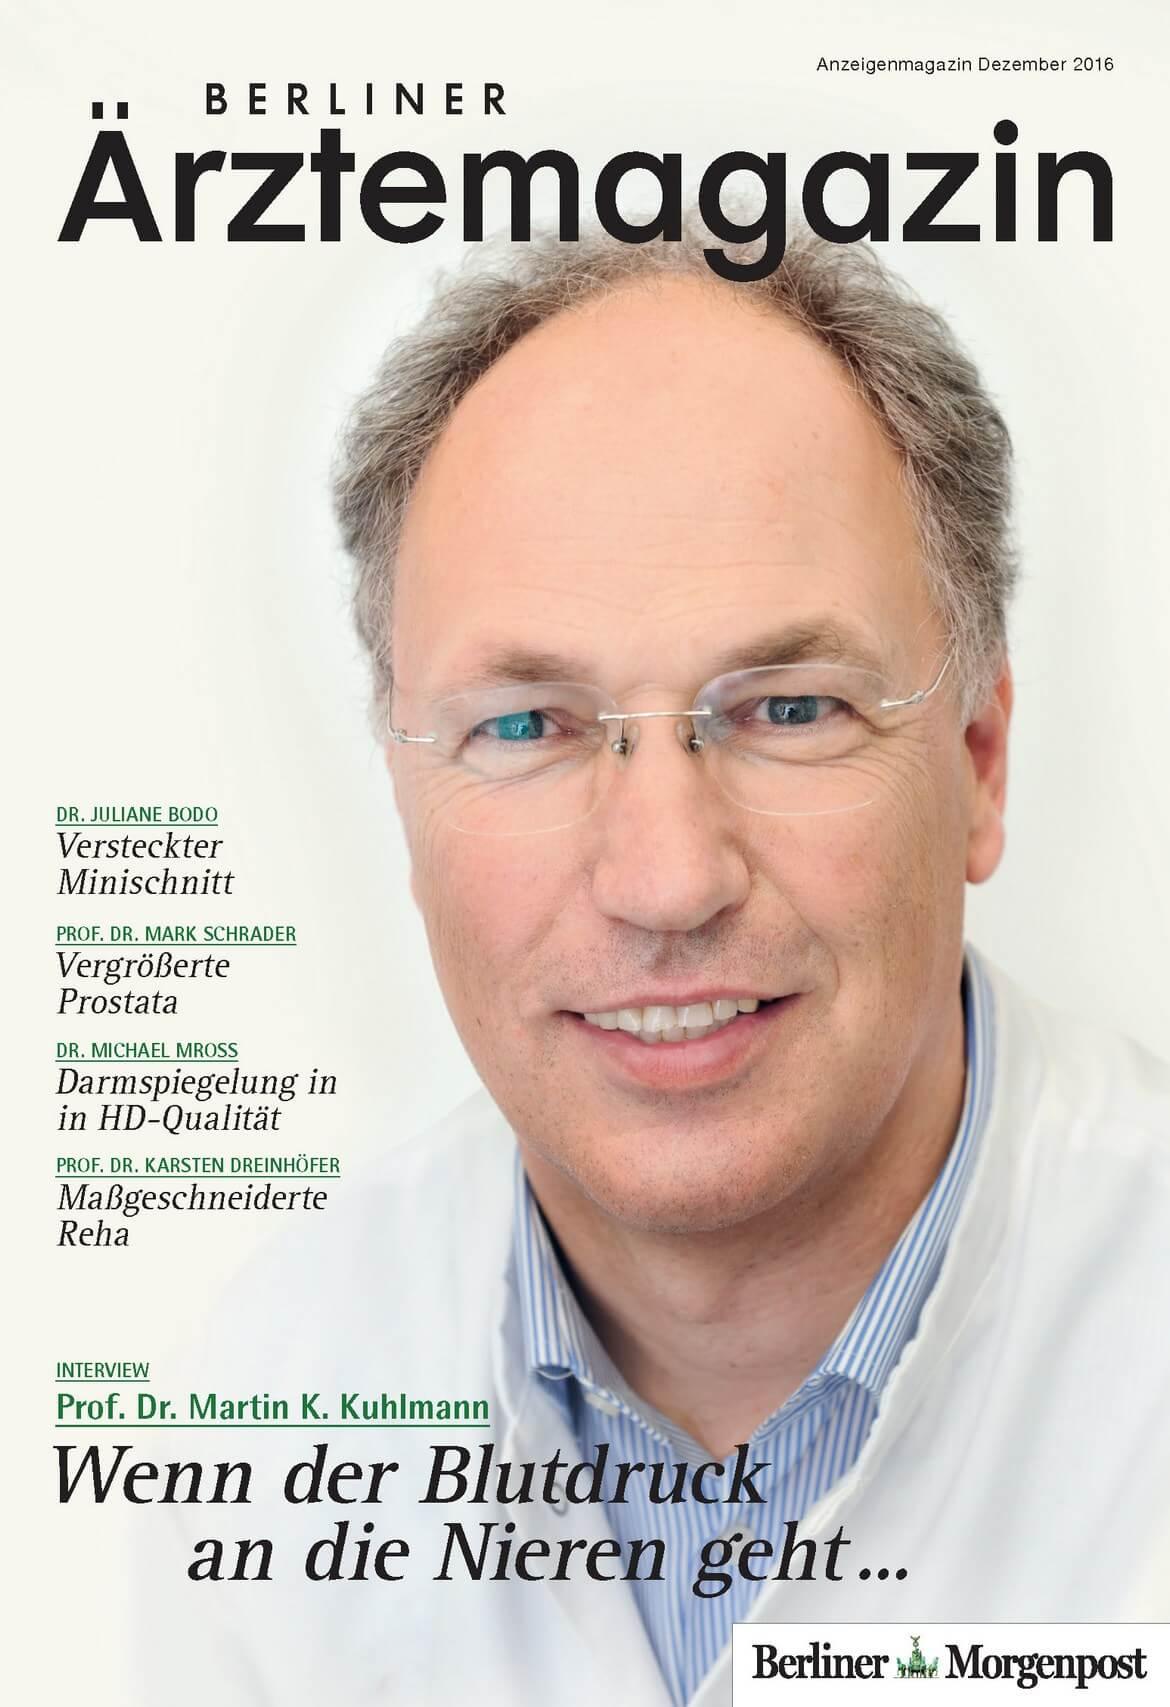 Berliner Ärztemagazin erscheint am 9. Dezember 2016